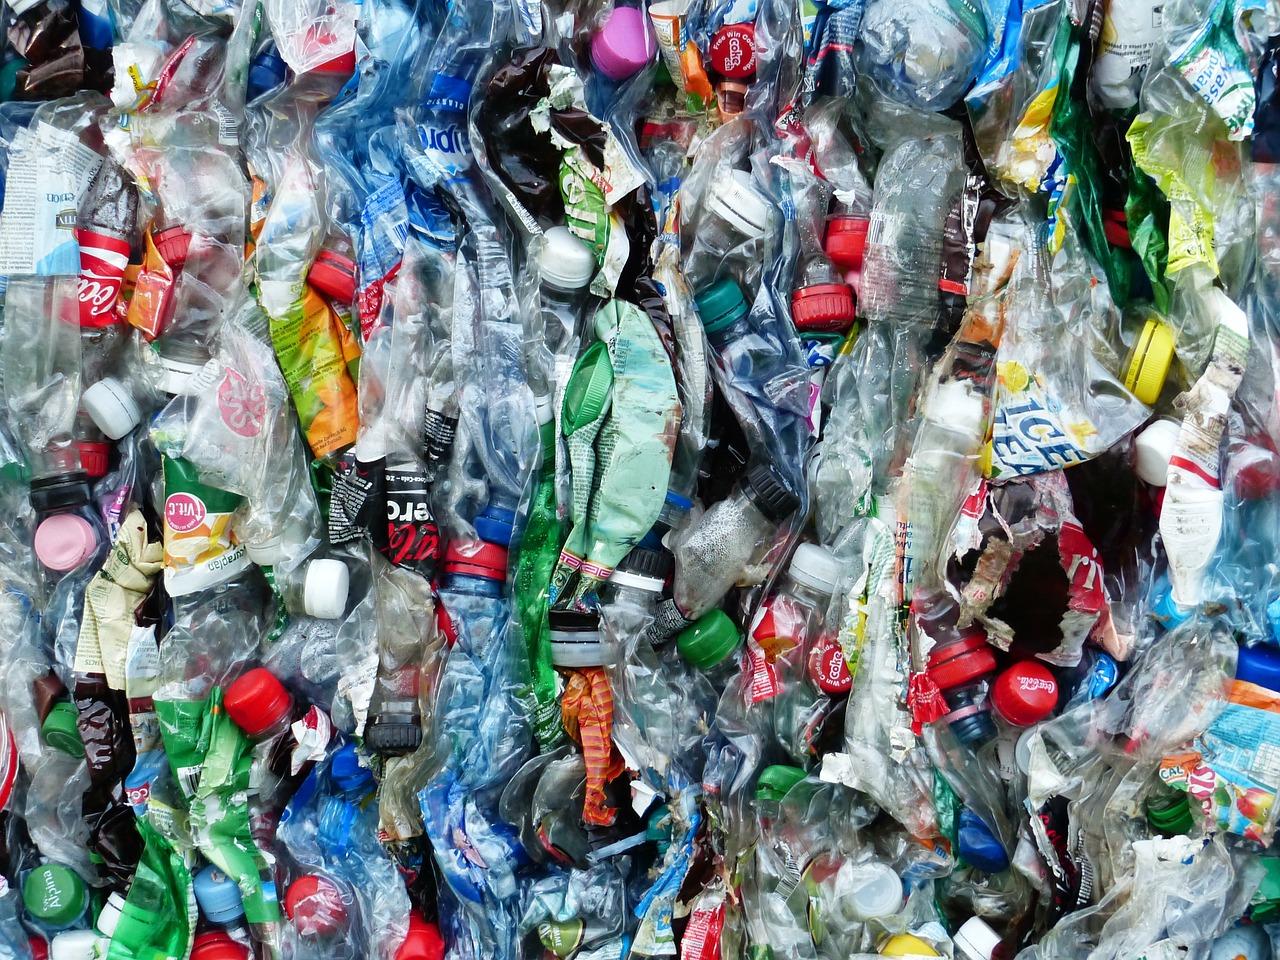 plastic-bottles-115071_1280.jpg